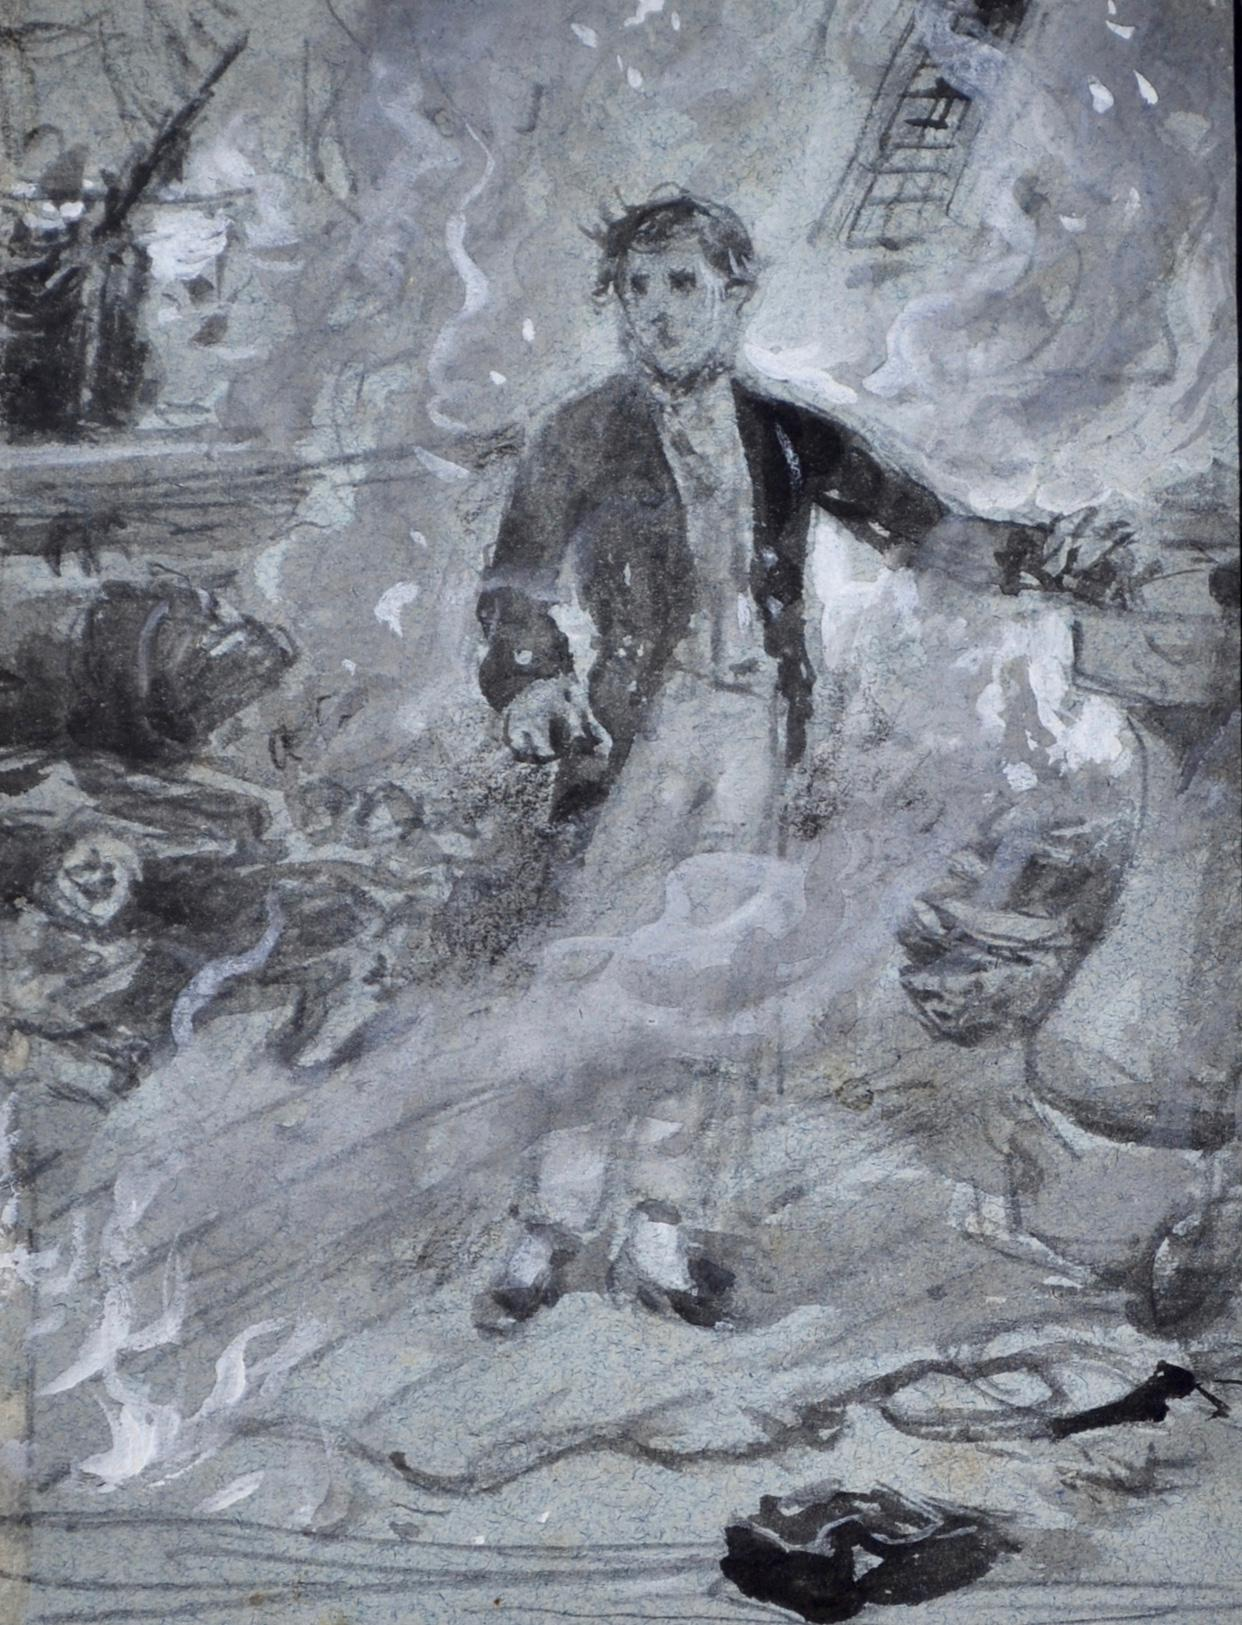 Casabianca - Grisaille watercolour by Victorian genre painter G G Kilburne